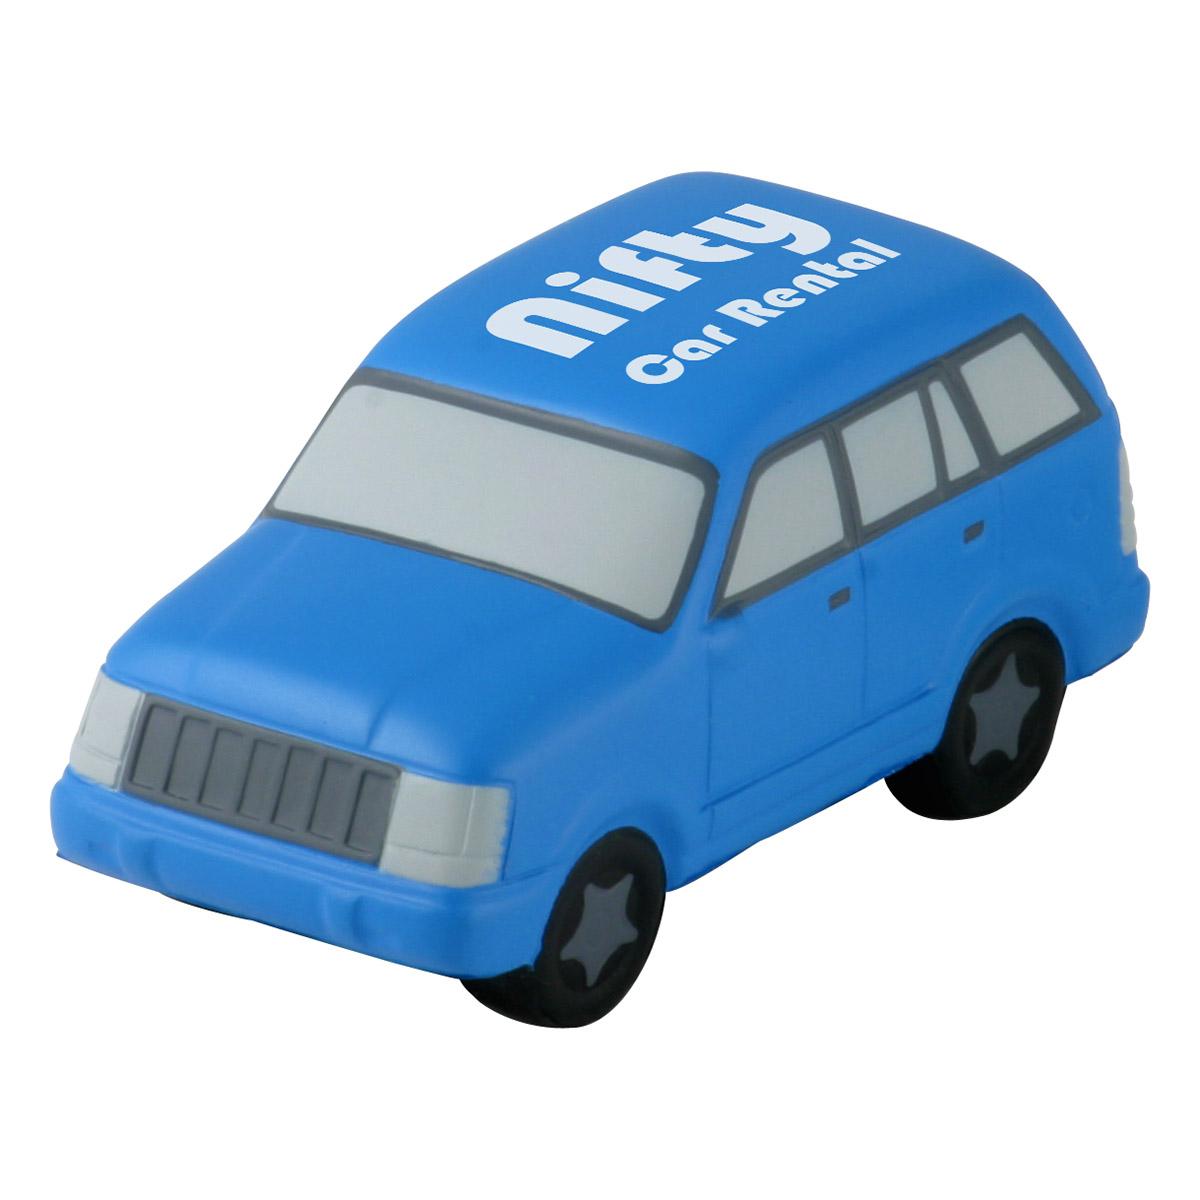 SUV Stress Reliever, LTR-SU06, 1 Colour Imprint